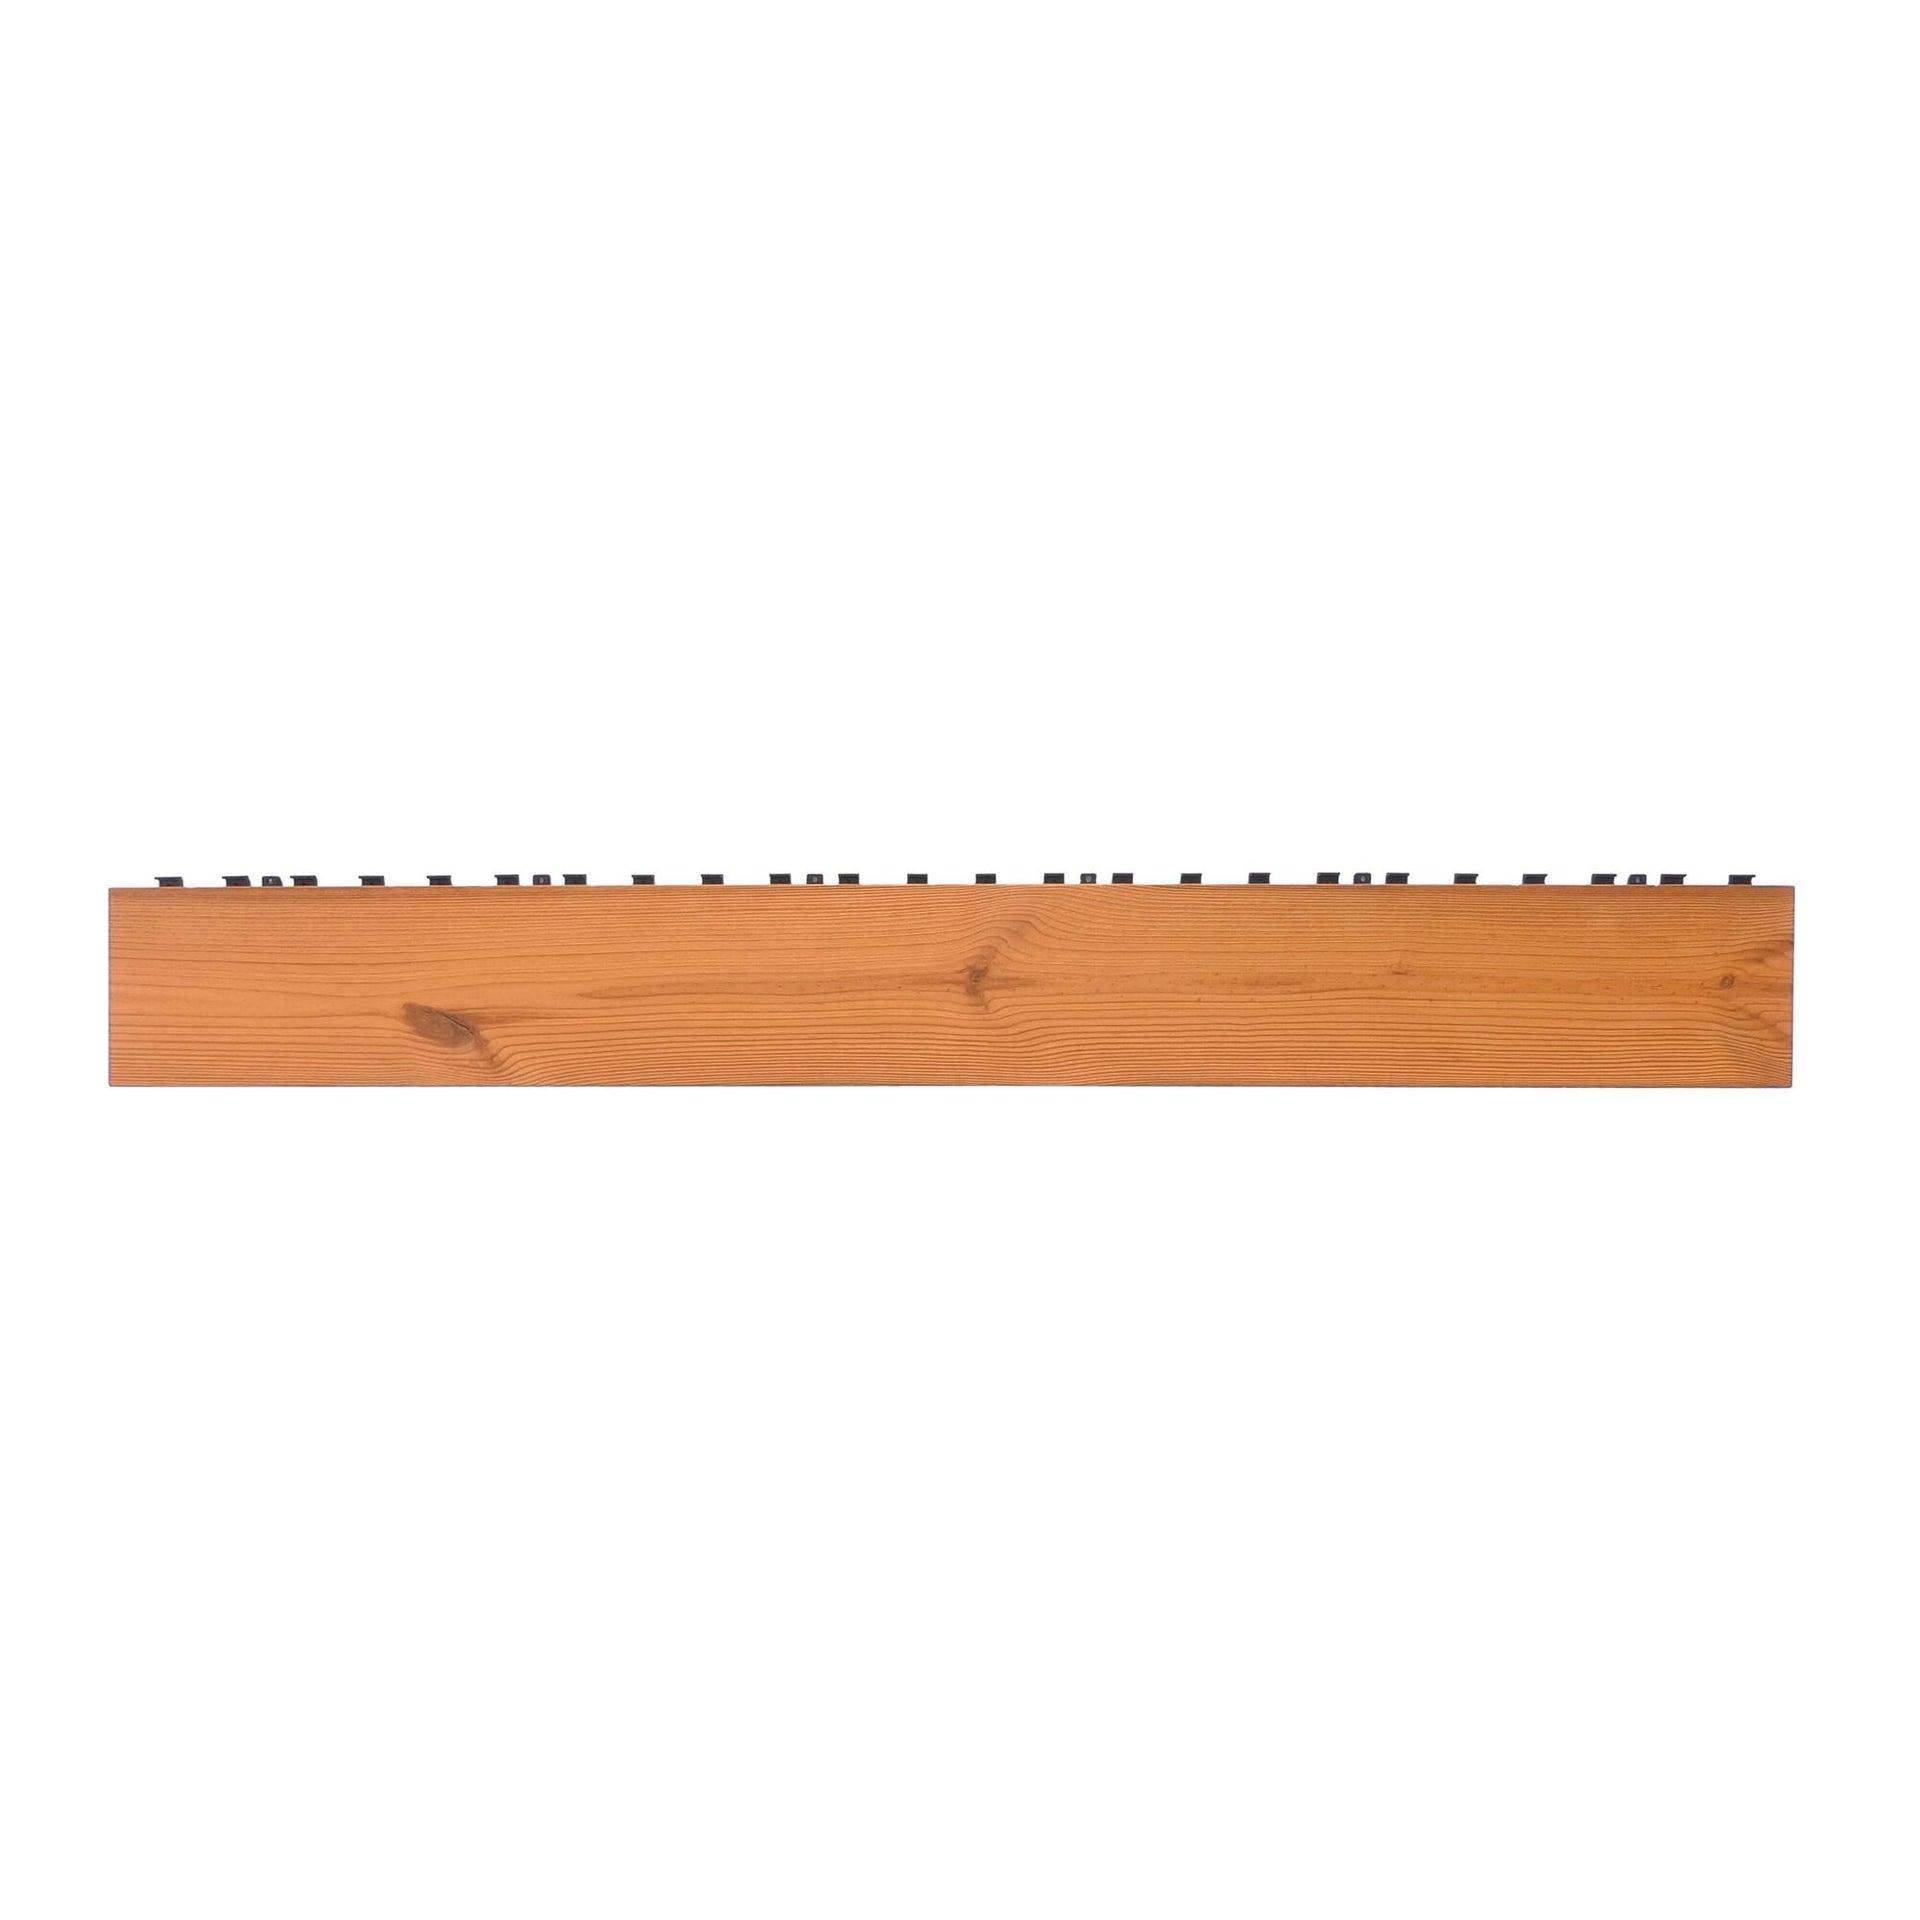 Listone da incastro in legno L 120 x H 15 cm, Sp 20.5 mm marrone - 7